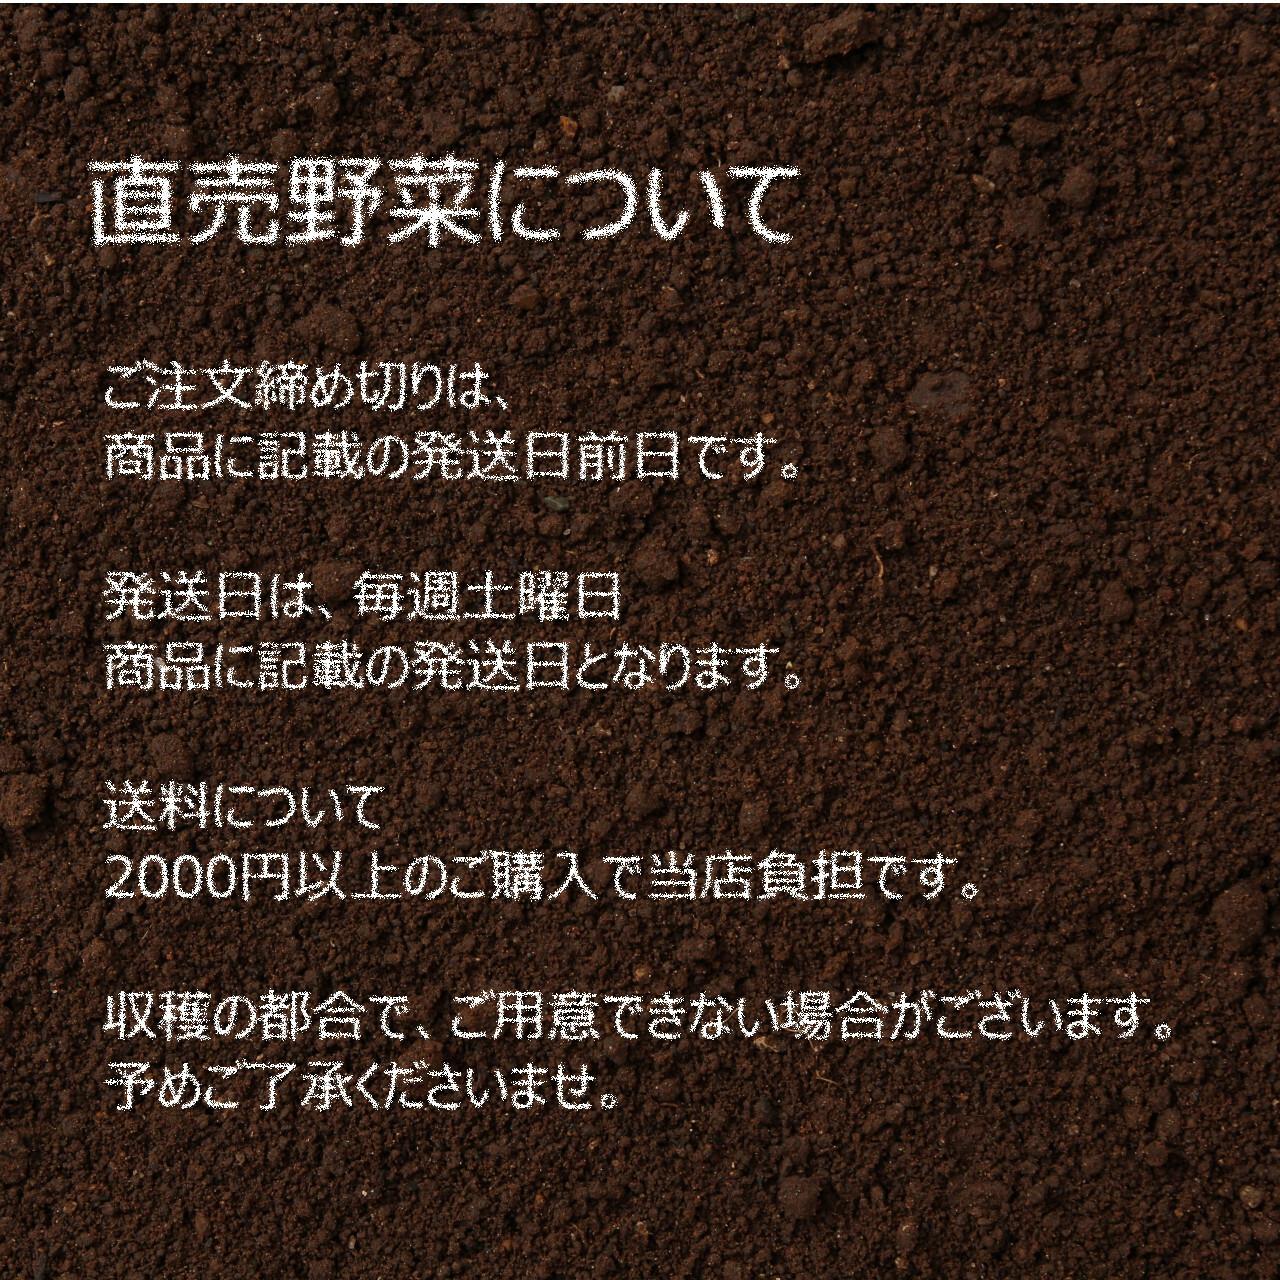 春の新鮮野菜 ブロッコリー 約 1個: 5月の朝採り直売野菜 5月29日発送予定